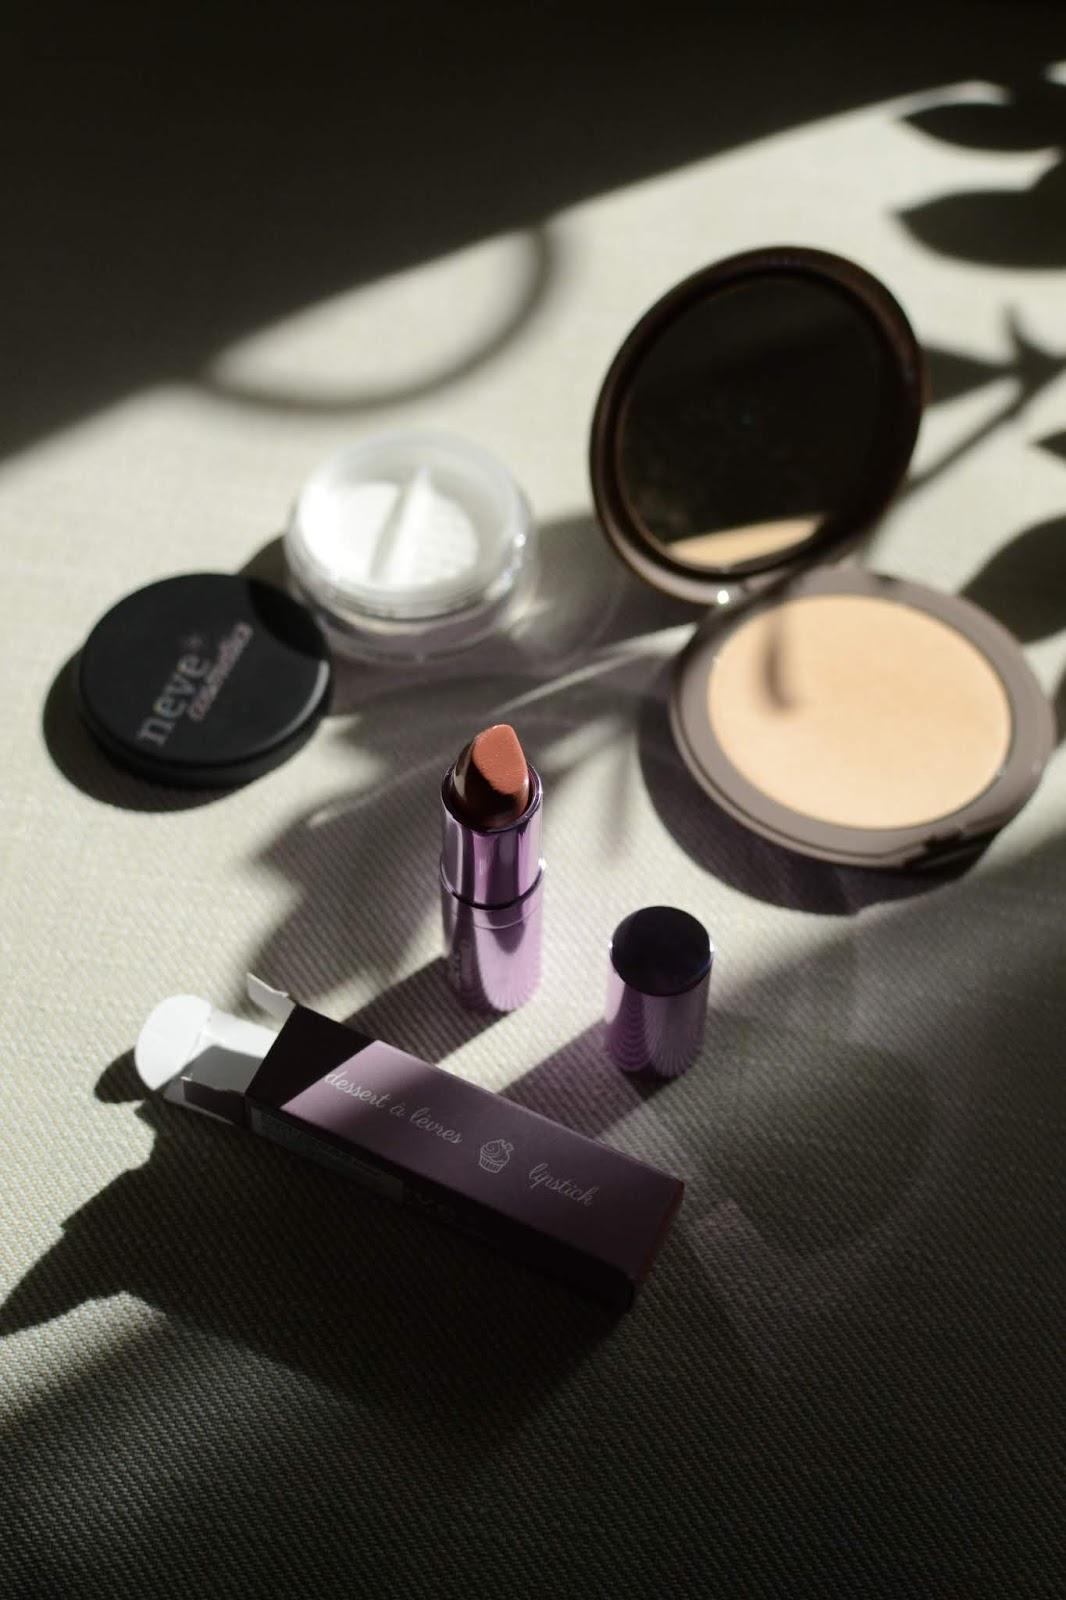 Kosmetyki do makijażu marki Neve Cosmetics: podkład w kompakcie, puder matujący i pomadka